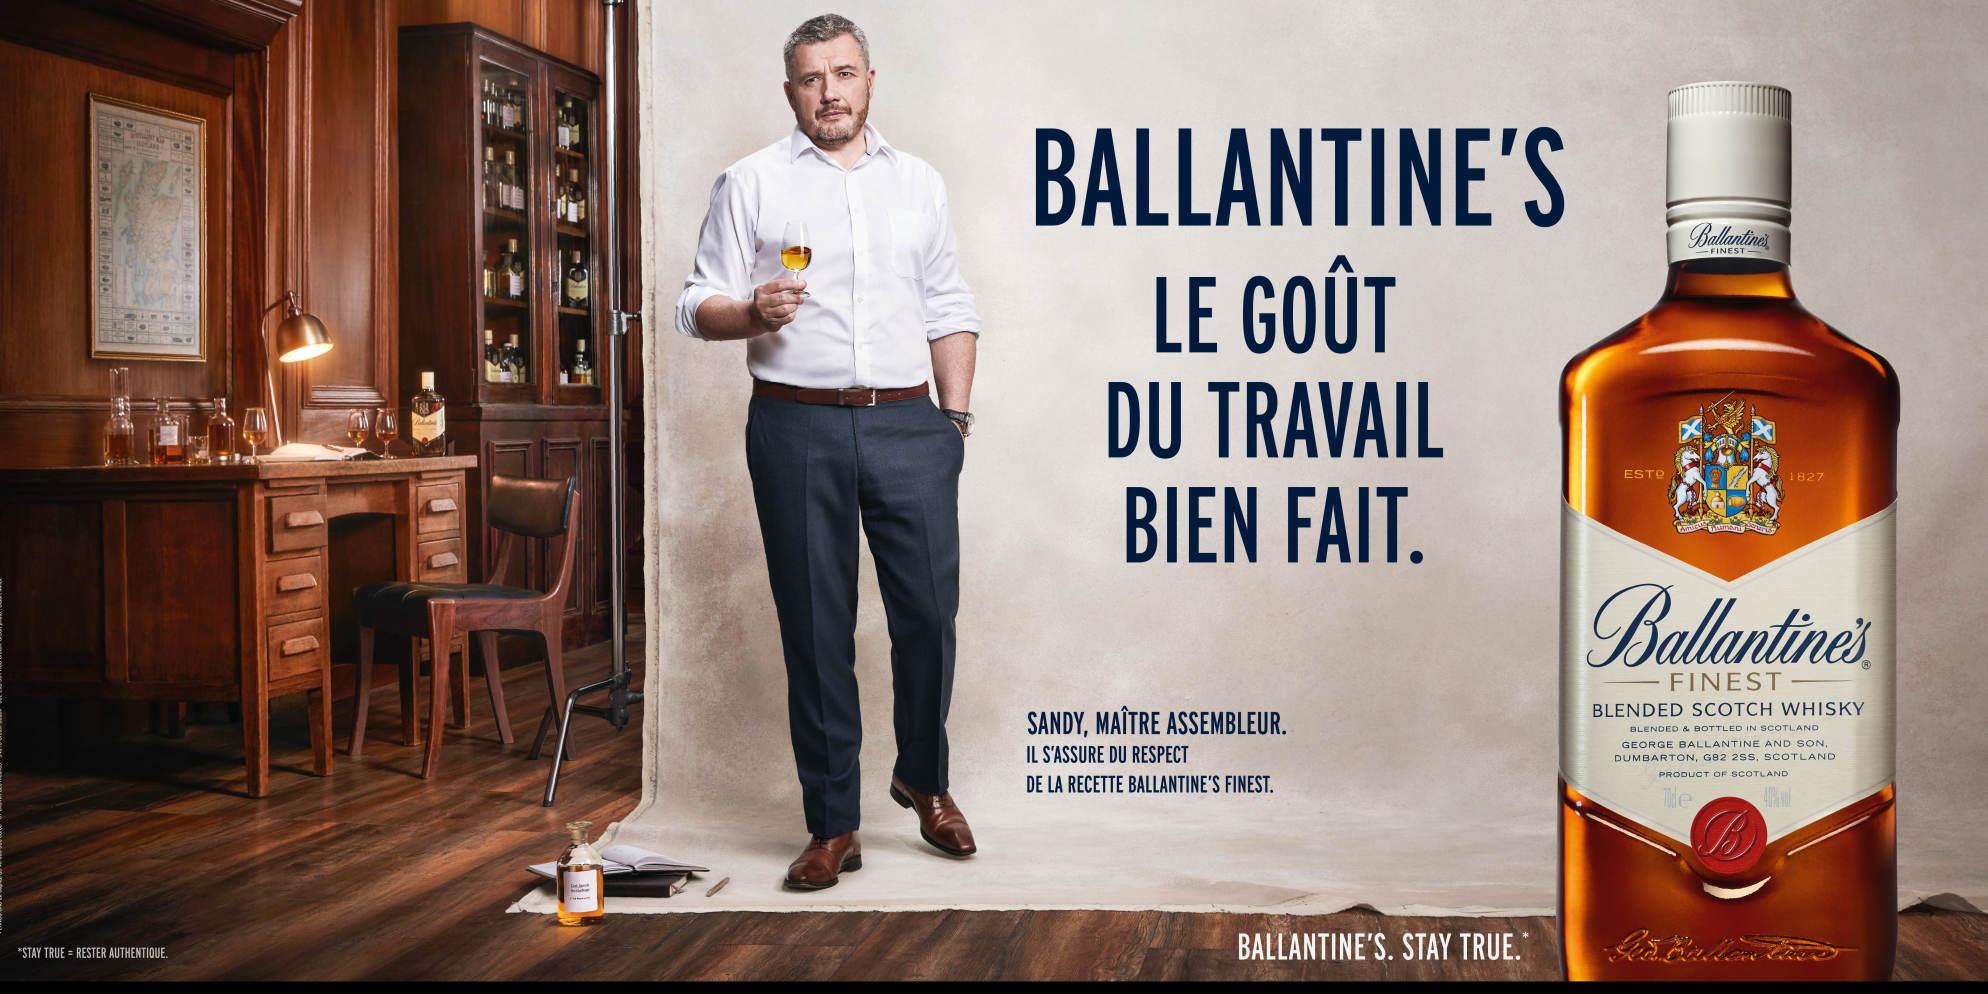 Ballantine's, Le Goût du Travail Bien Fait